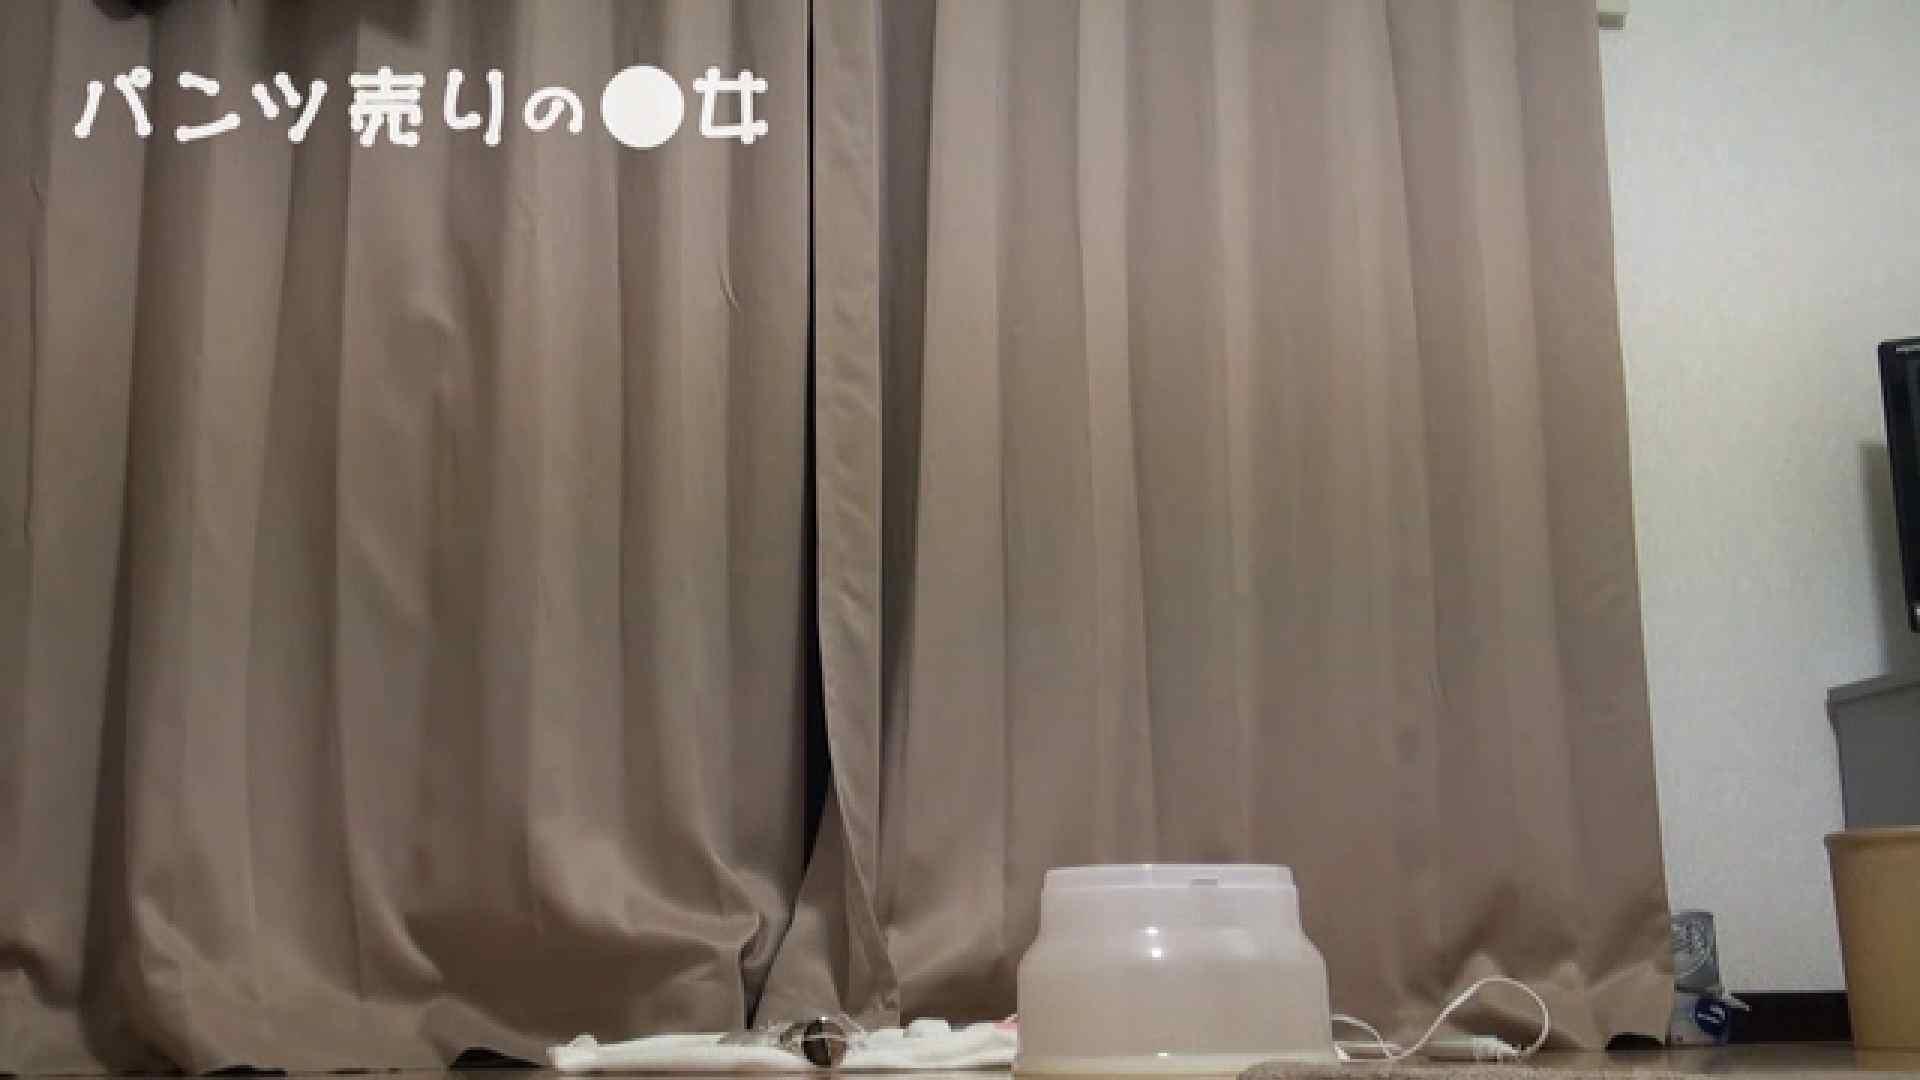 新説 パンツ売りの女の子mizuki 一般投稿  83pic 4